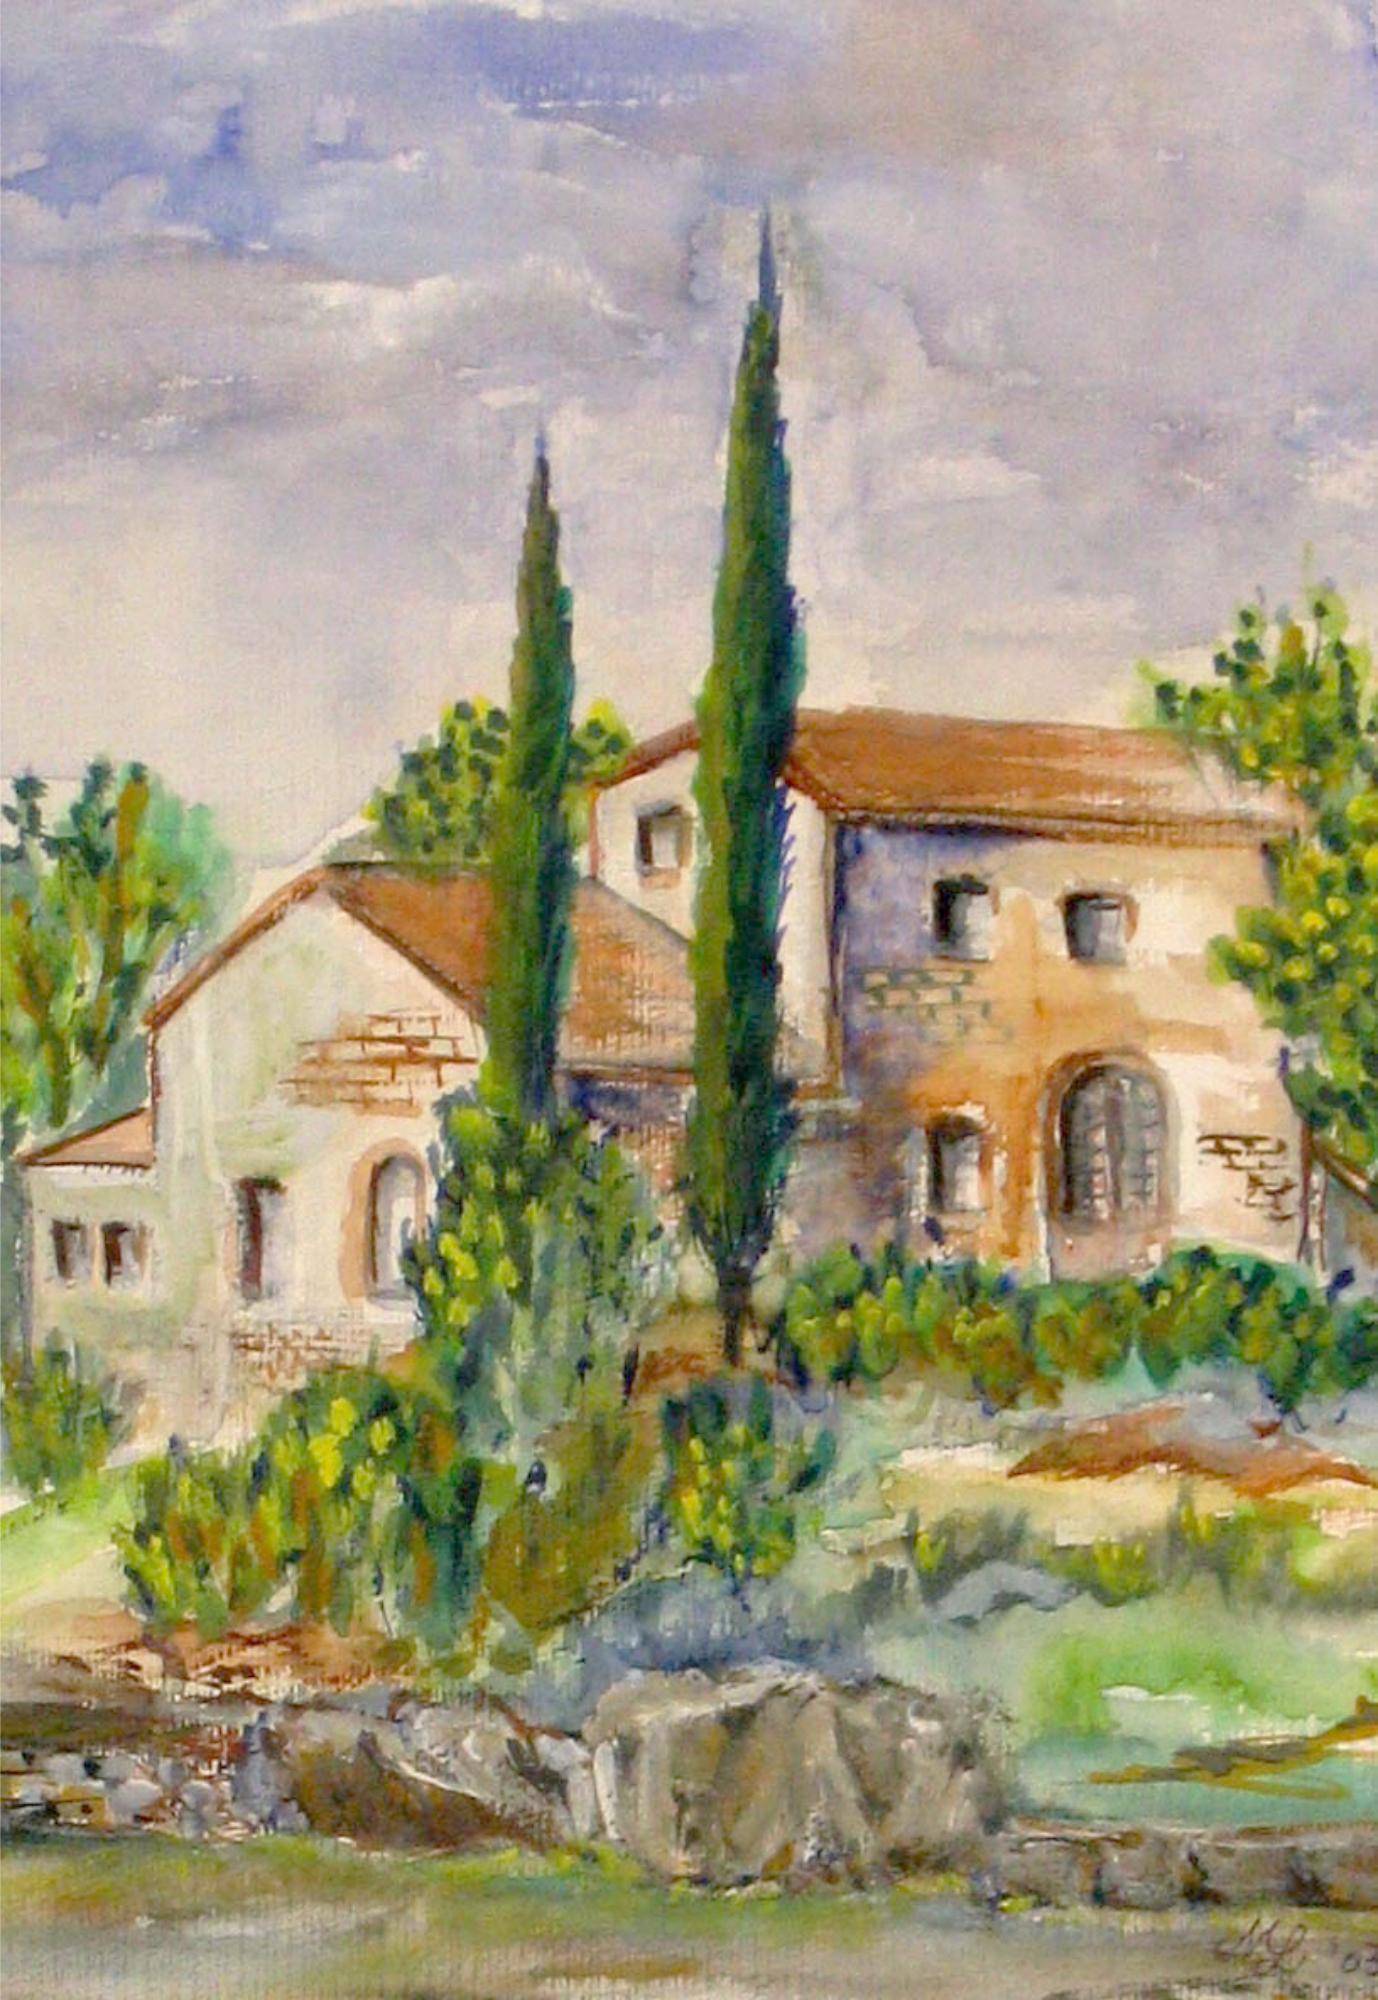 2004 - Toscana, 30x40cm, Aquarell